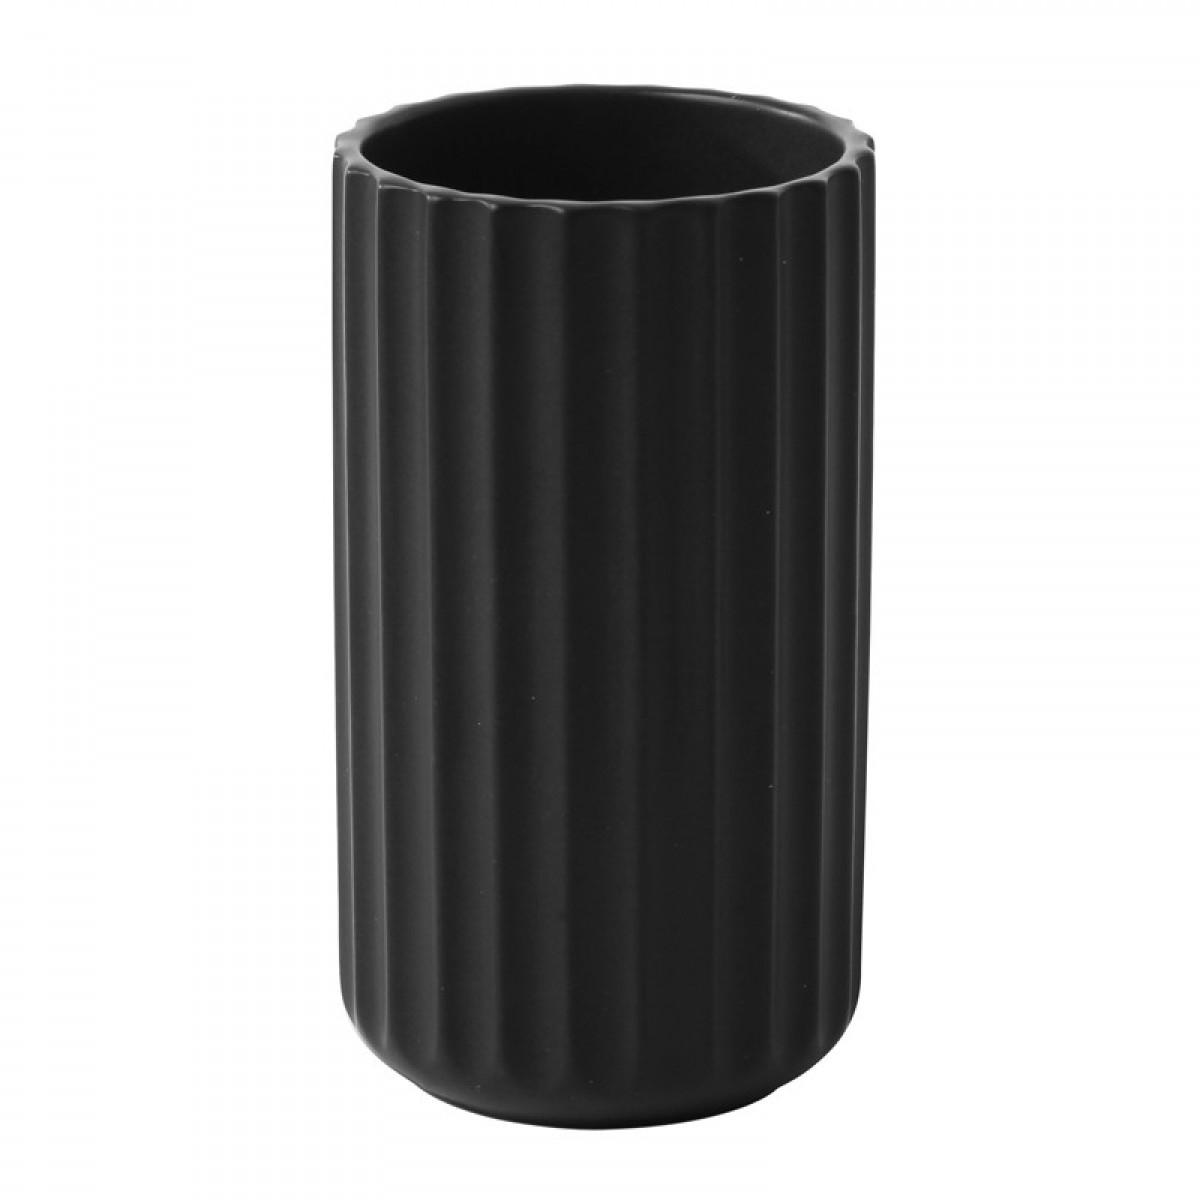 LYNGBY Vase sort 25 cm.